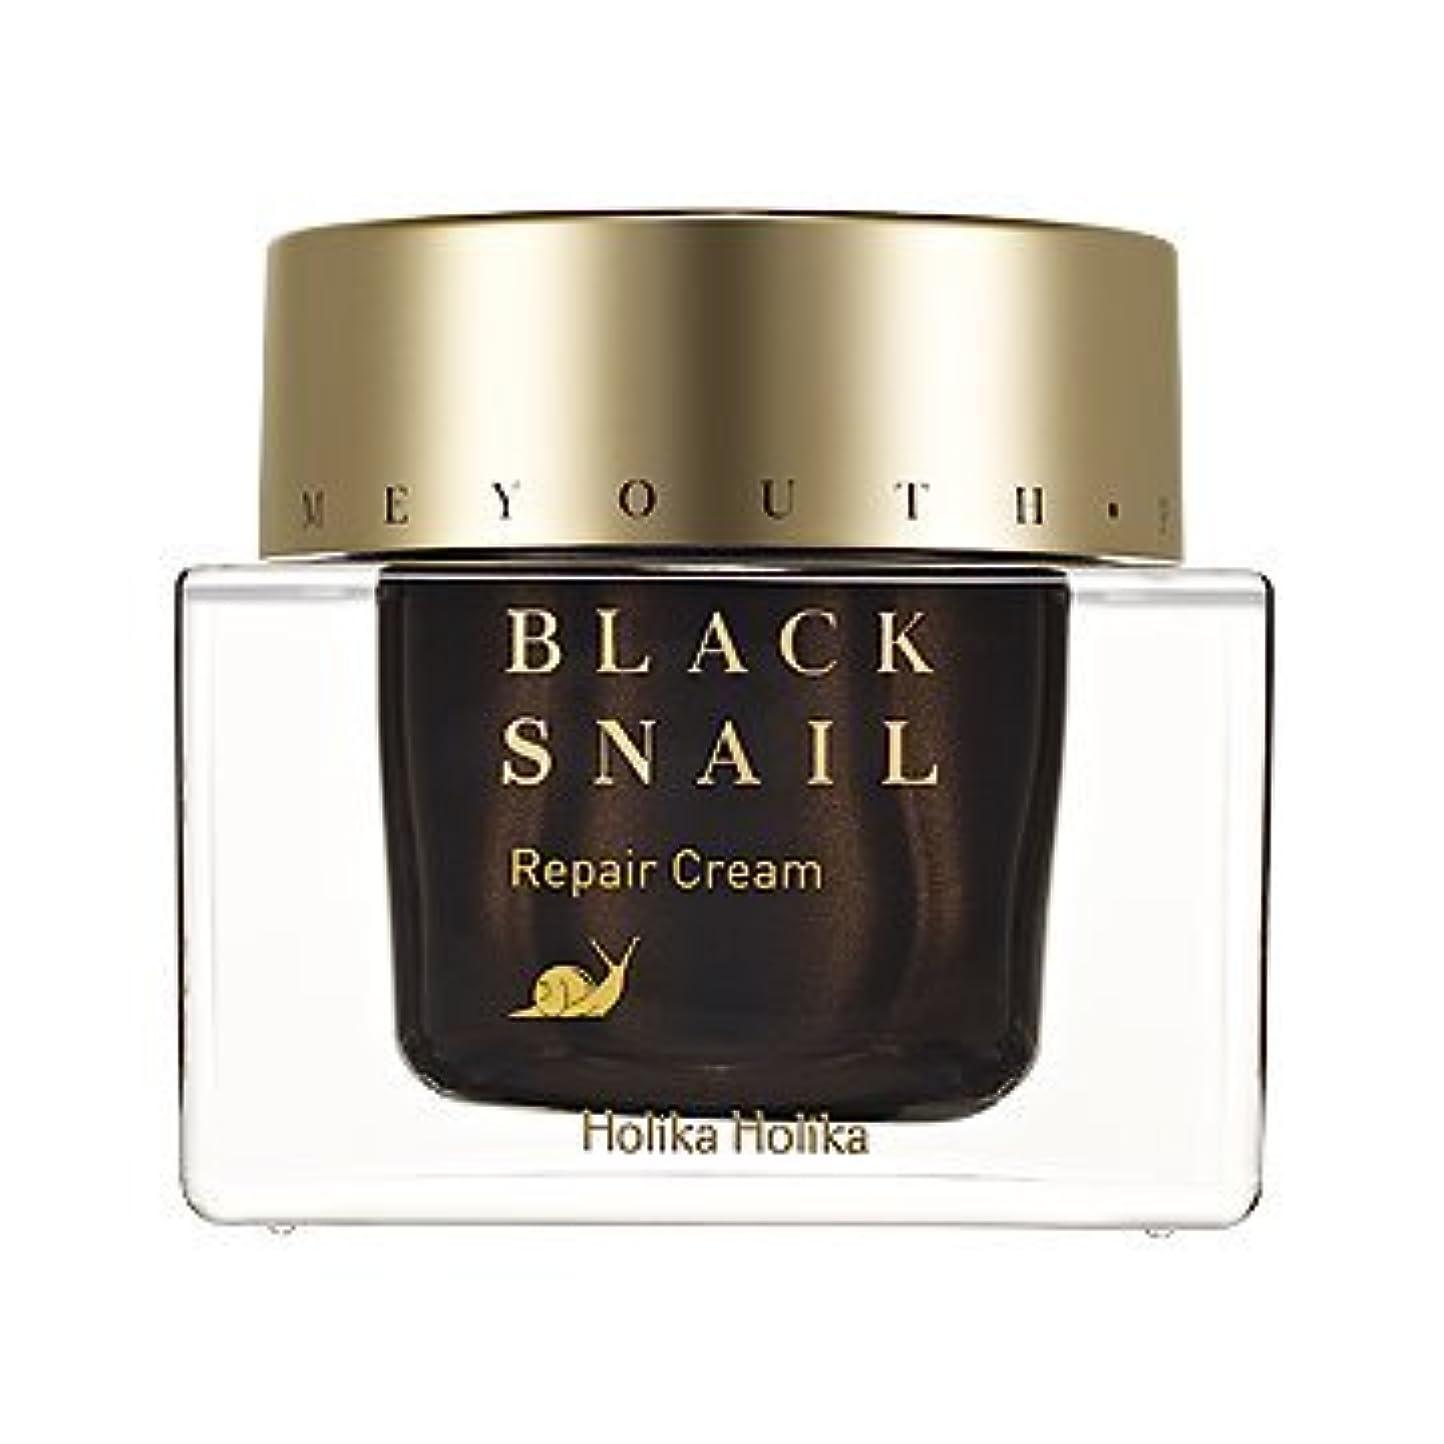 狭いに賛成引き付けるHolikaHolika(ホリカホリカ) Prime Youth Black Snail Repair Cream プライムユースブラックスネイルクリーム カタツムリ エスカルゴ [並行輸入品]